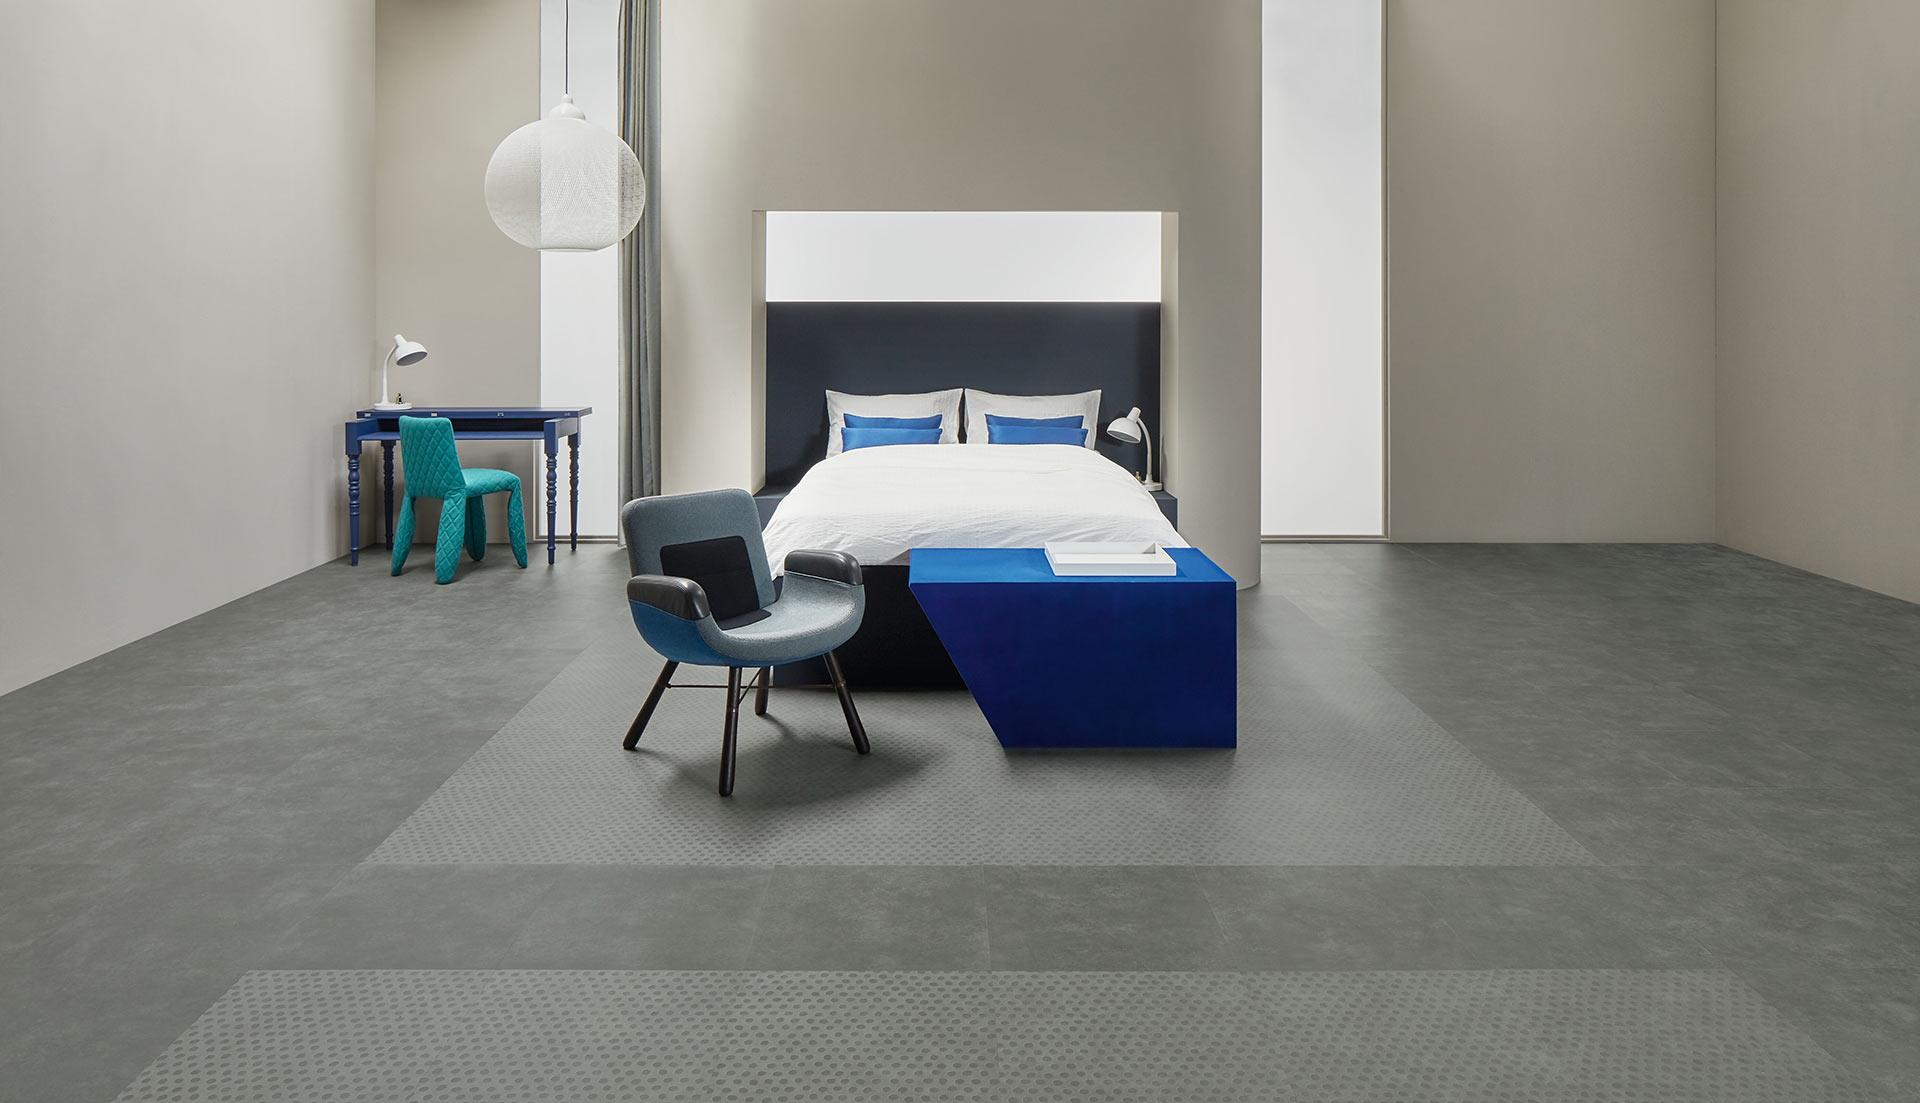 Vinylboden Natural Concrete – Minimalistischer Chic für die eigenen vier Wände: Purer Beton – Kostenloses Muster bestellen!